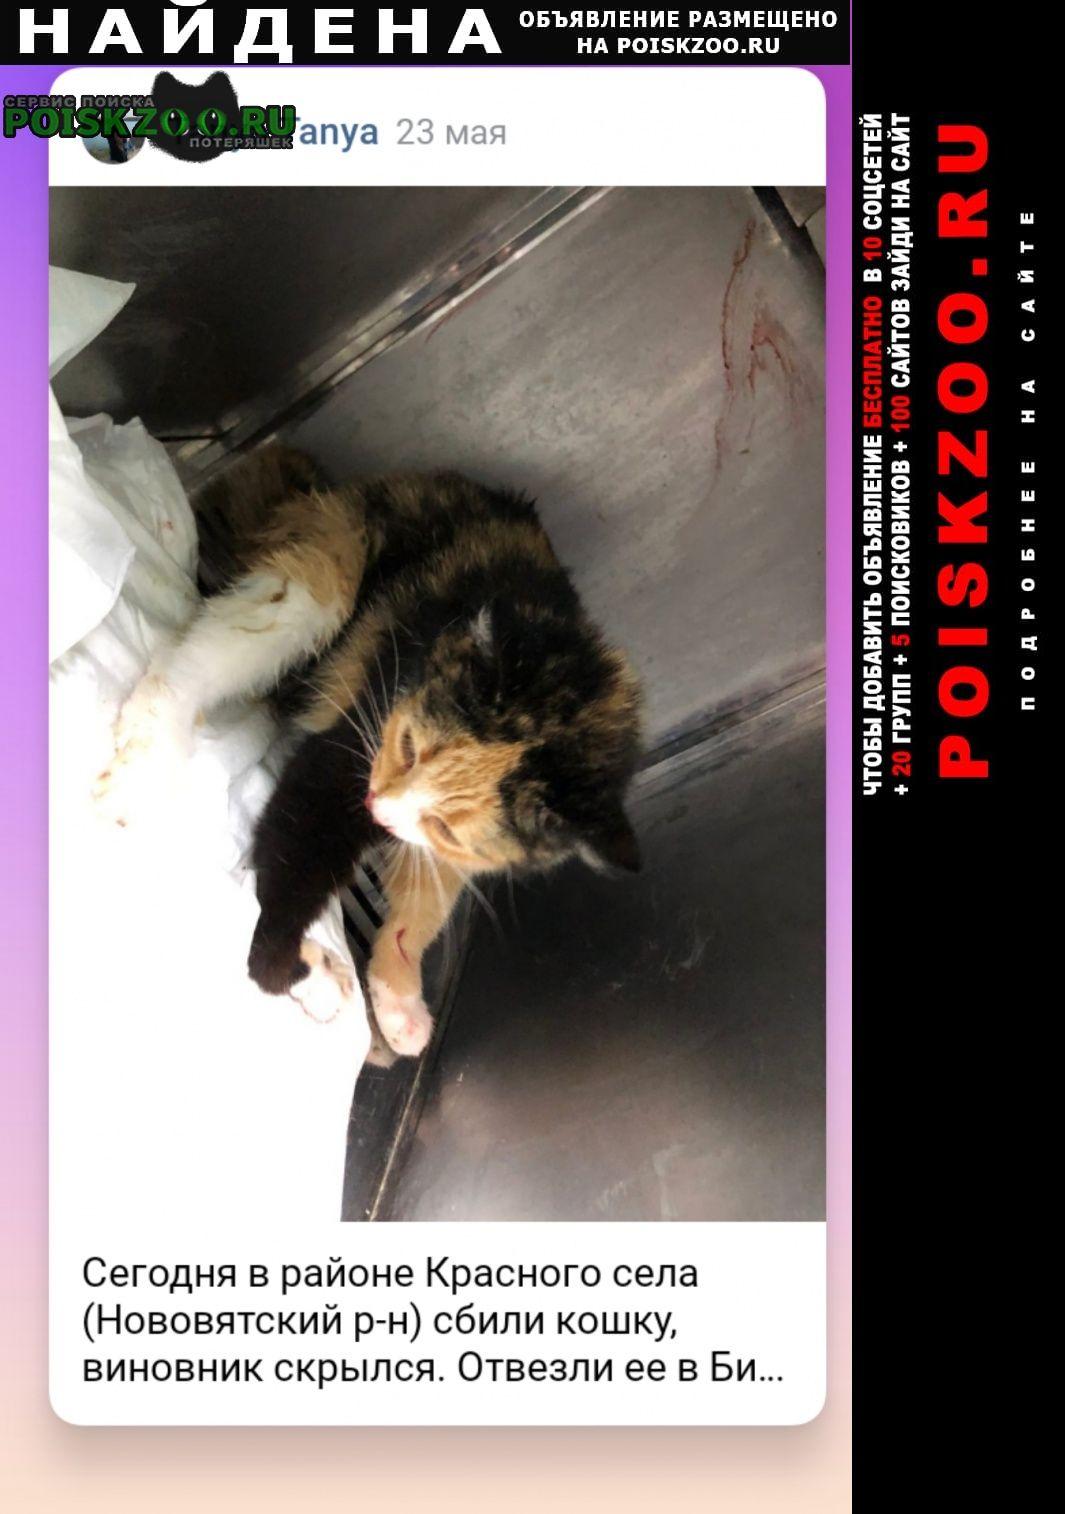 Найдена кошка сбита машиной г.Киров (Кировская обл.)